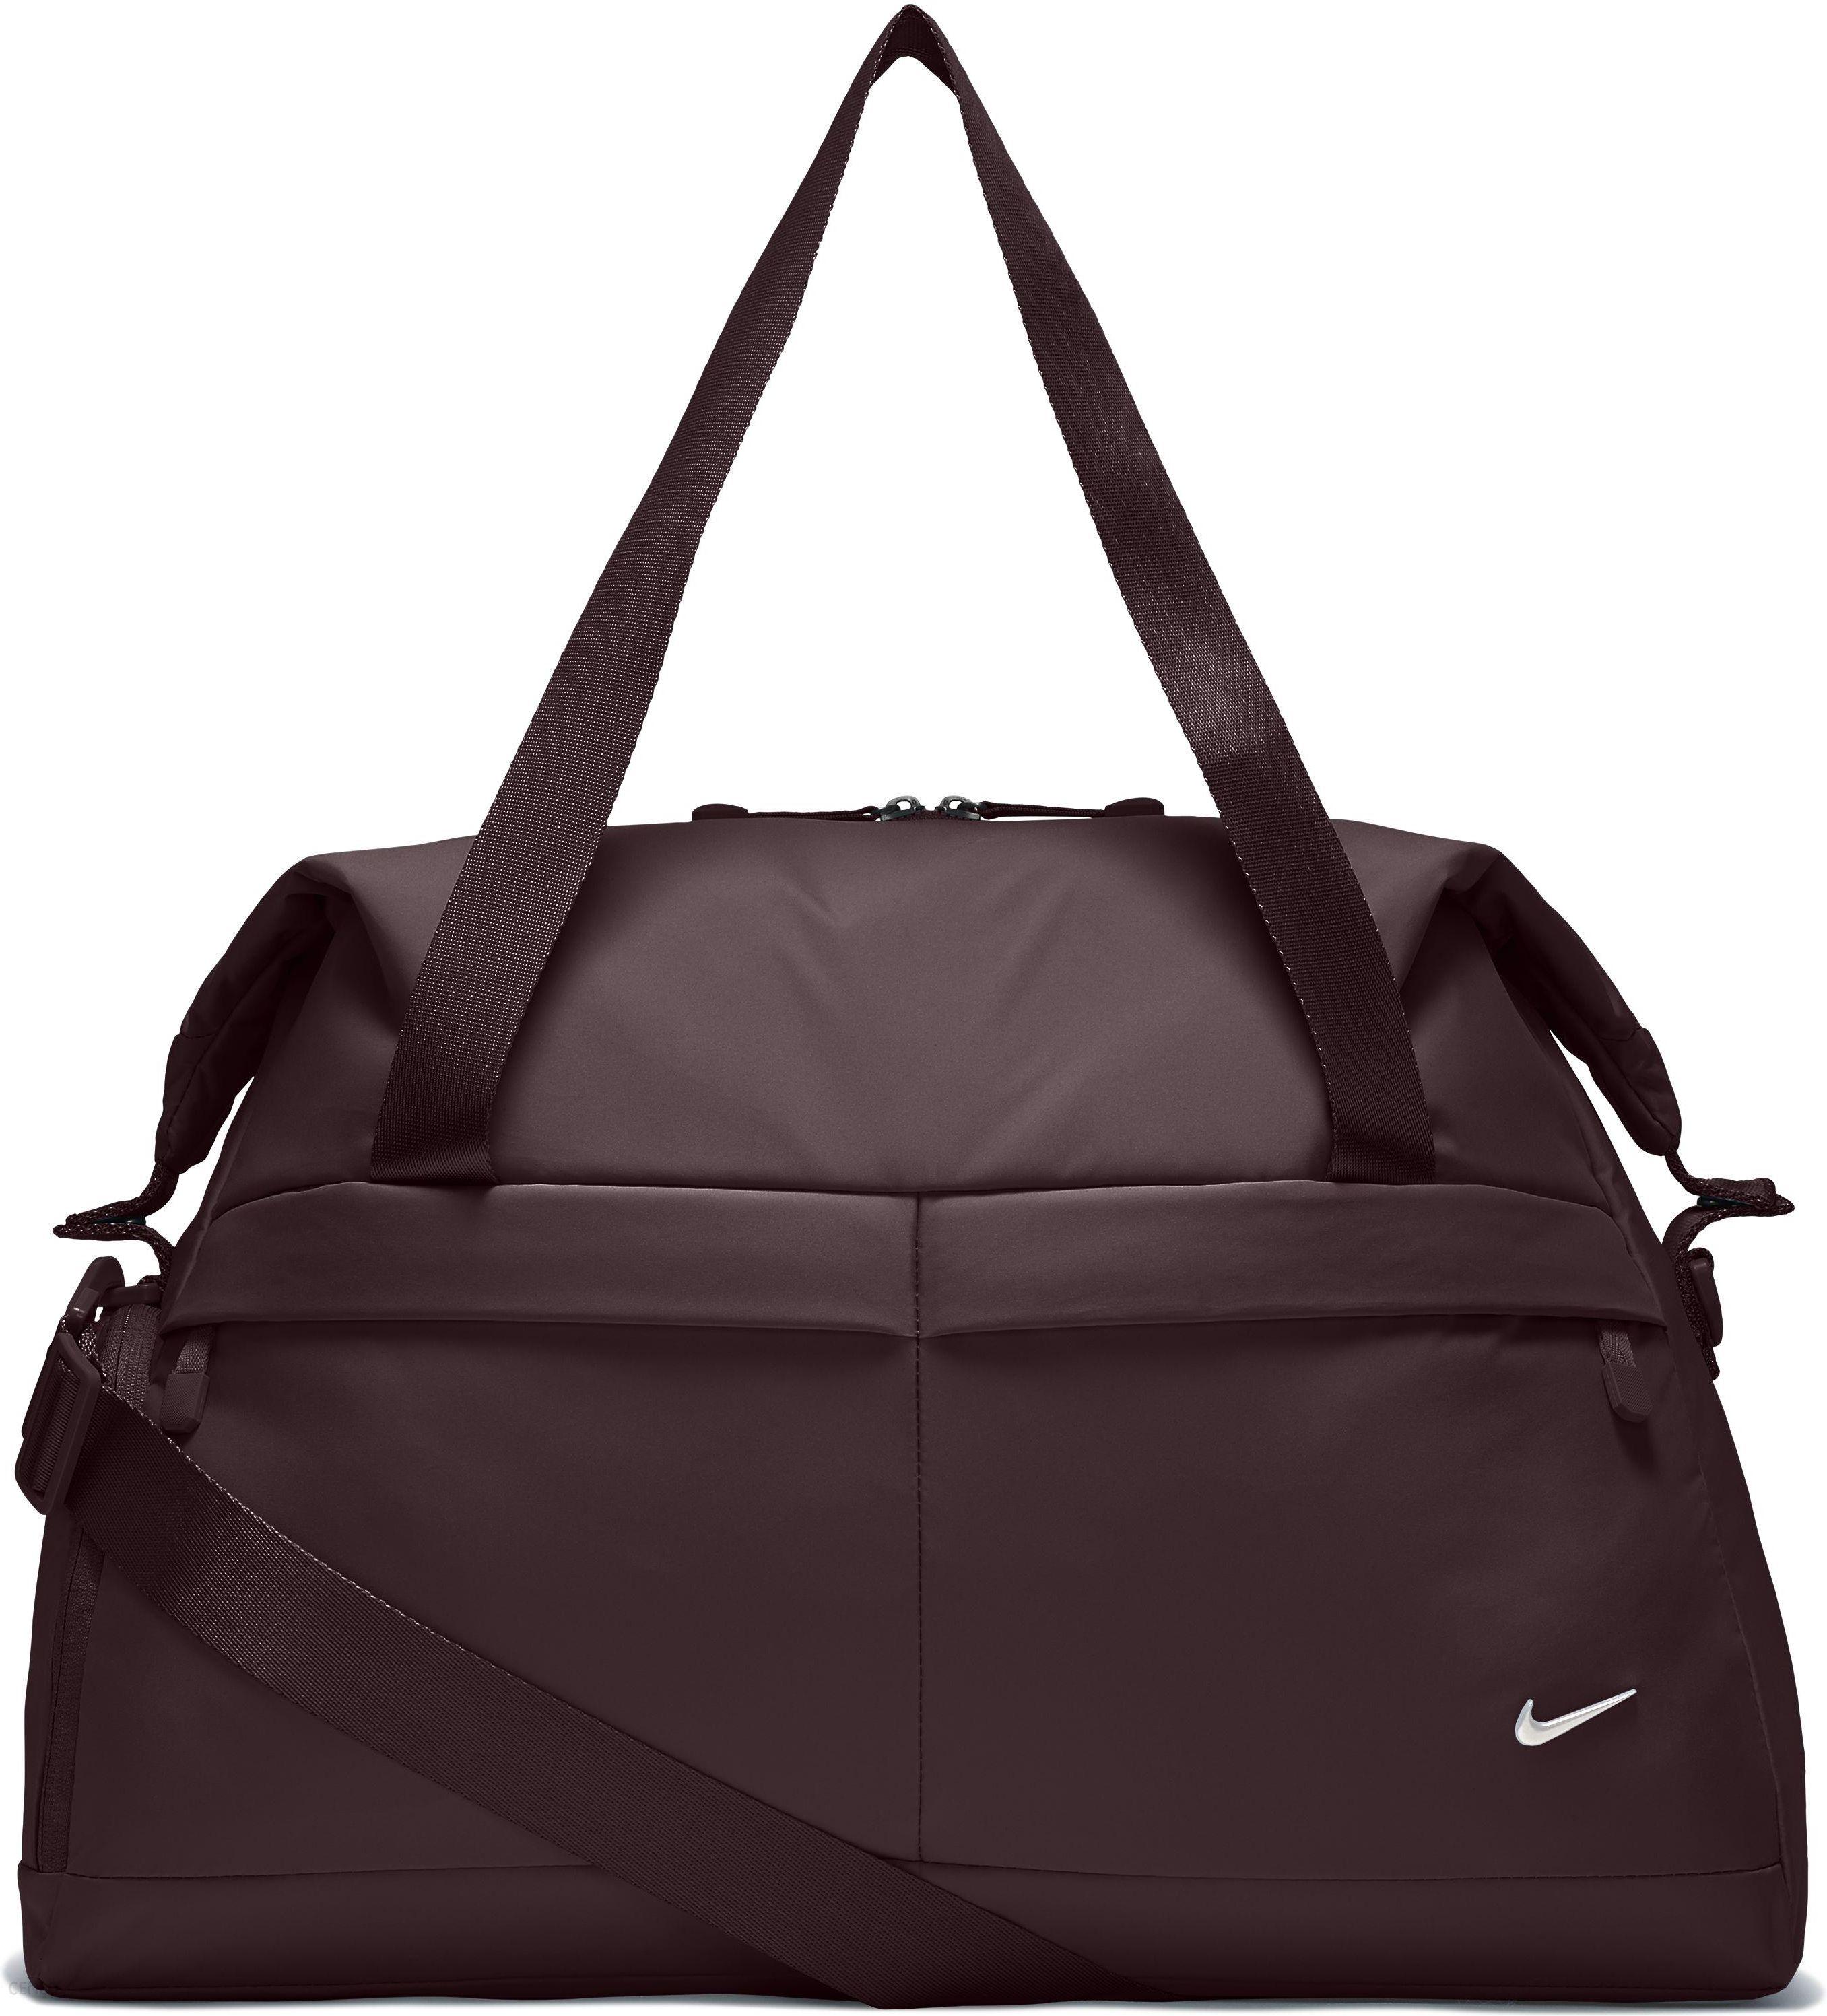 37660c61badbe Torba sportowa Nike Legend club training - Ceny i opinie - Ceneo.pl